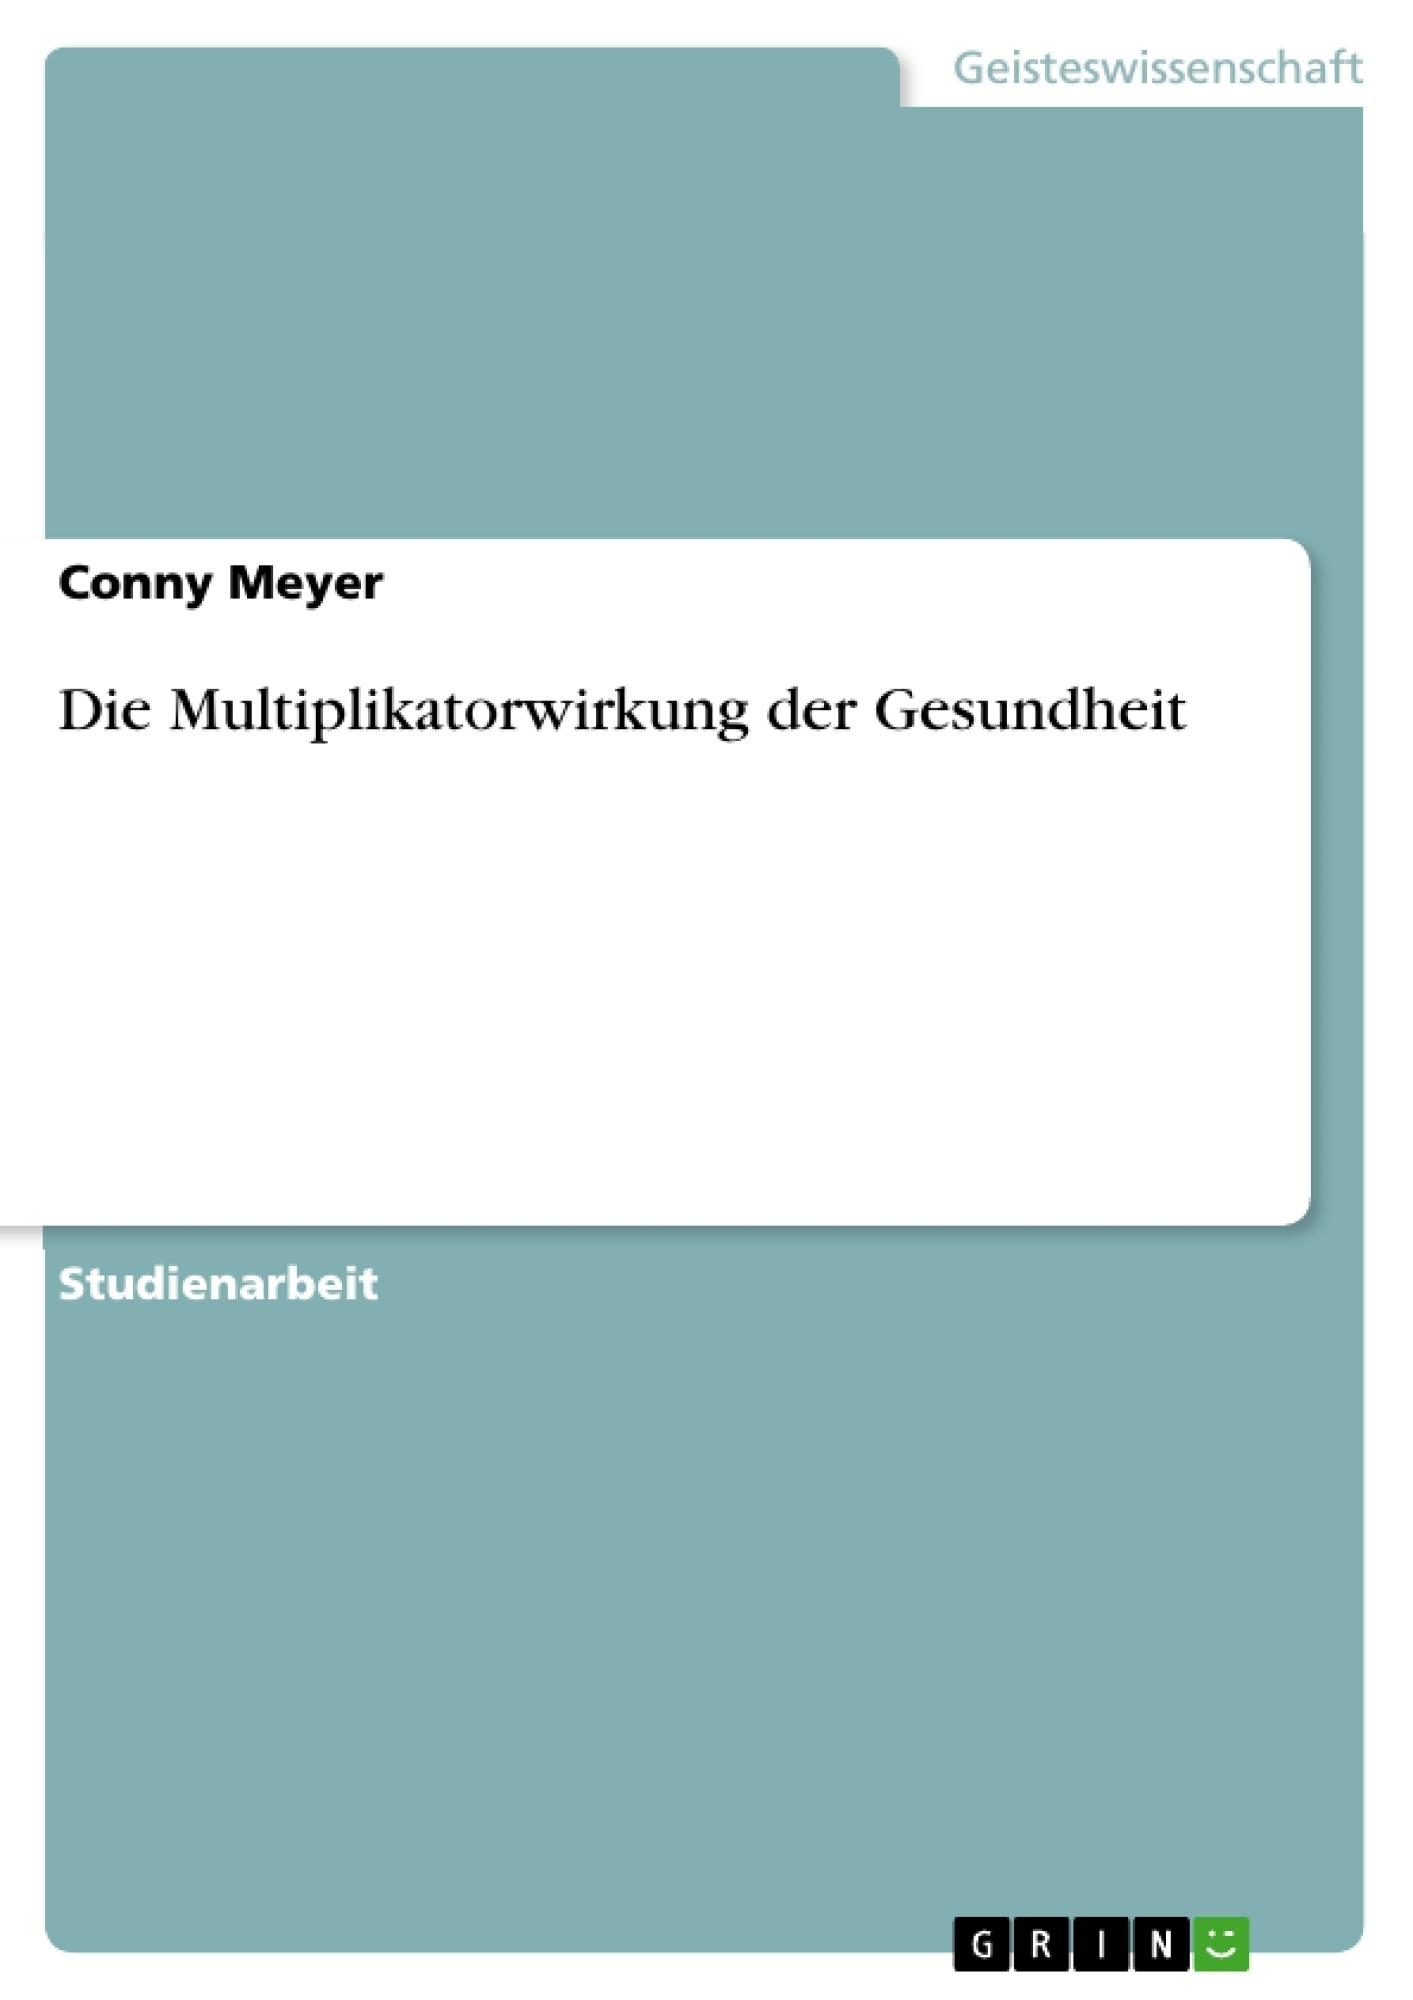 Titel: Die Multiplikatorwirkung der Gesundheit